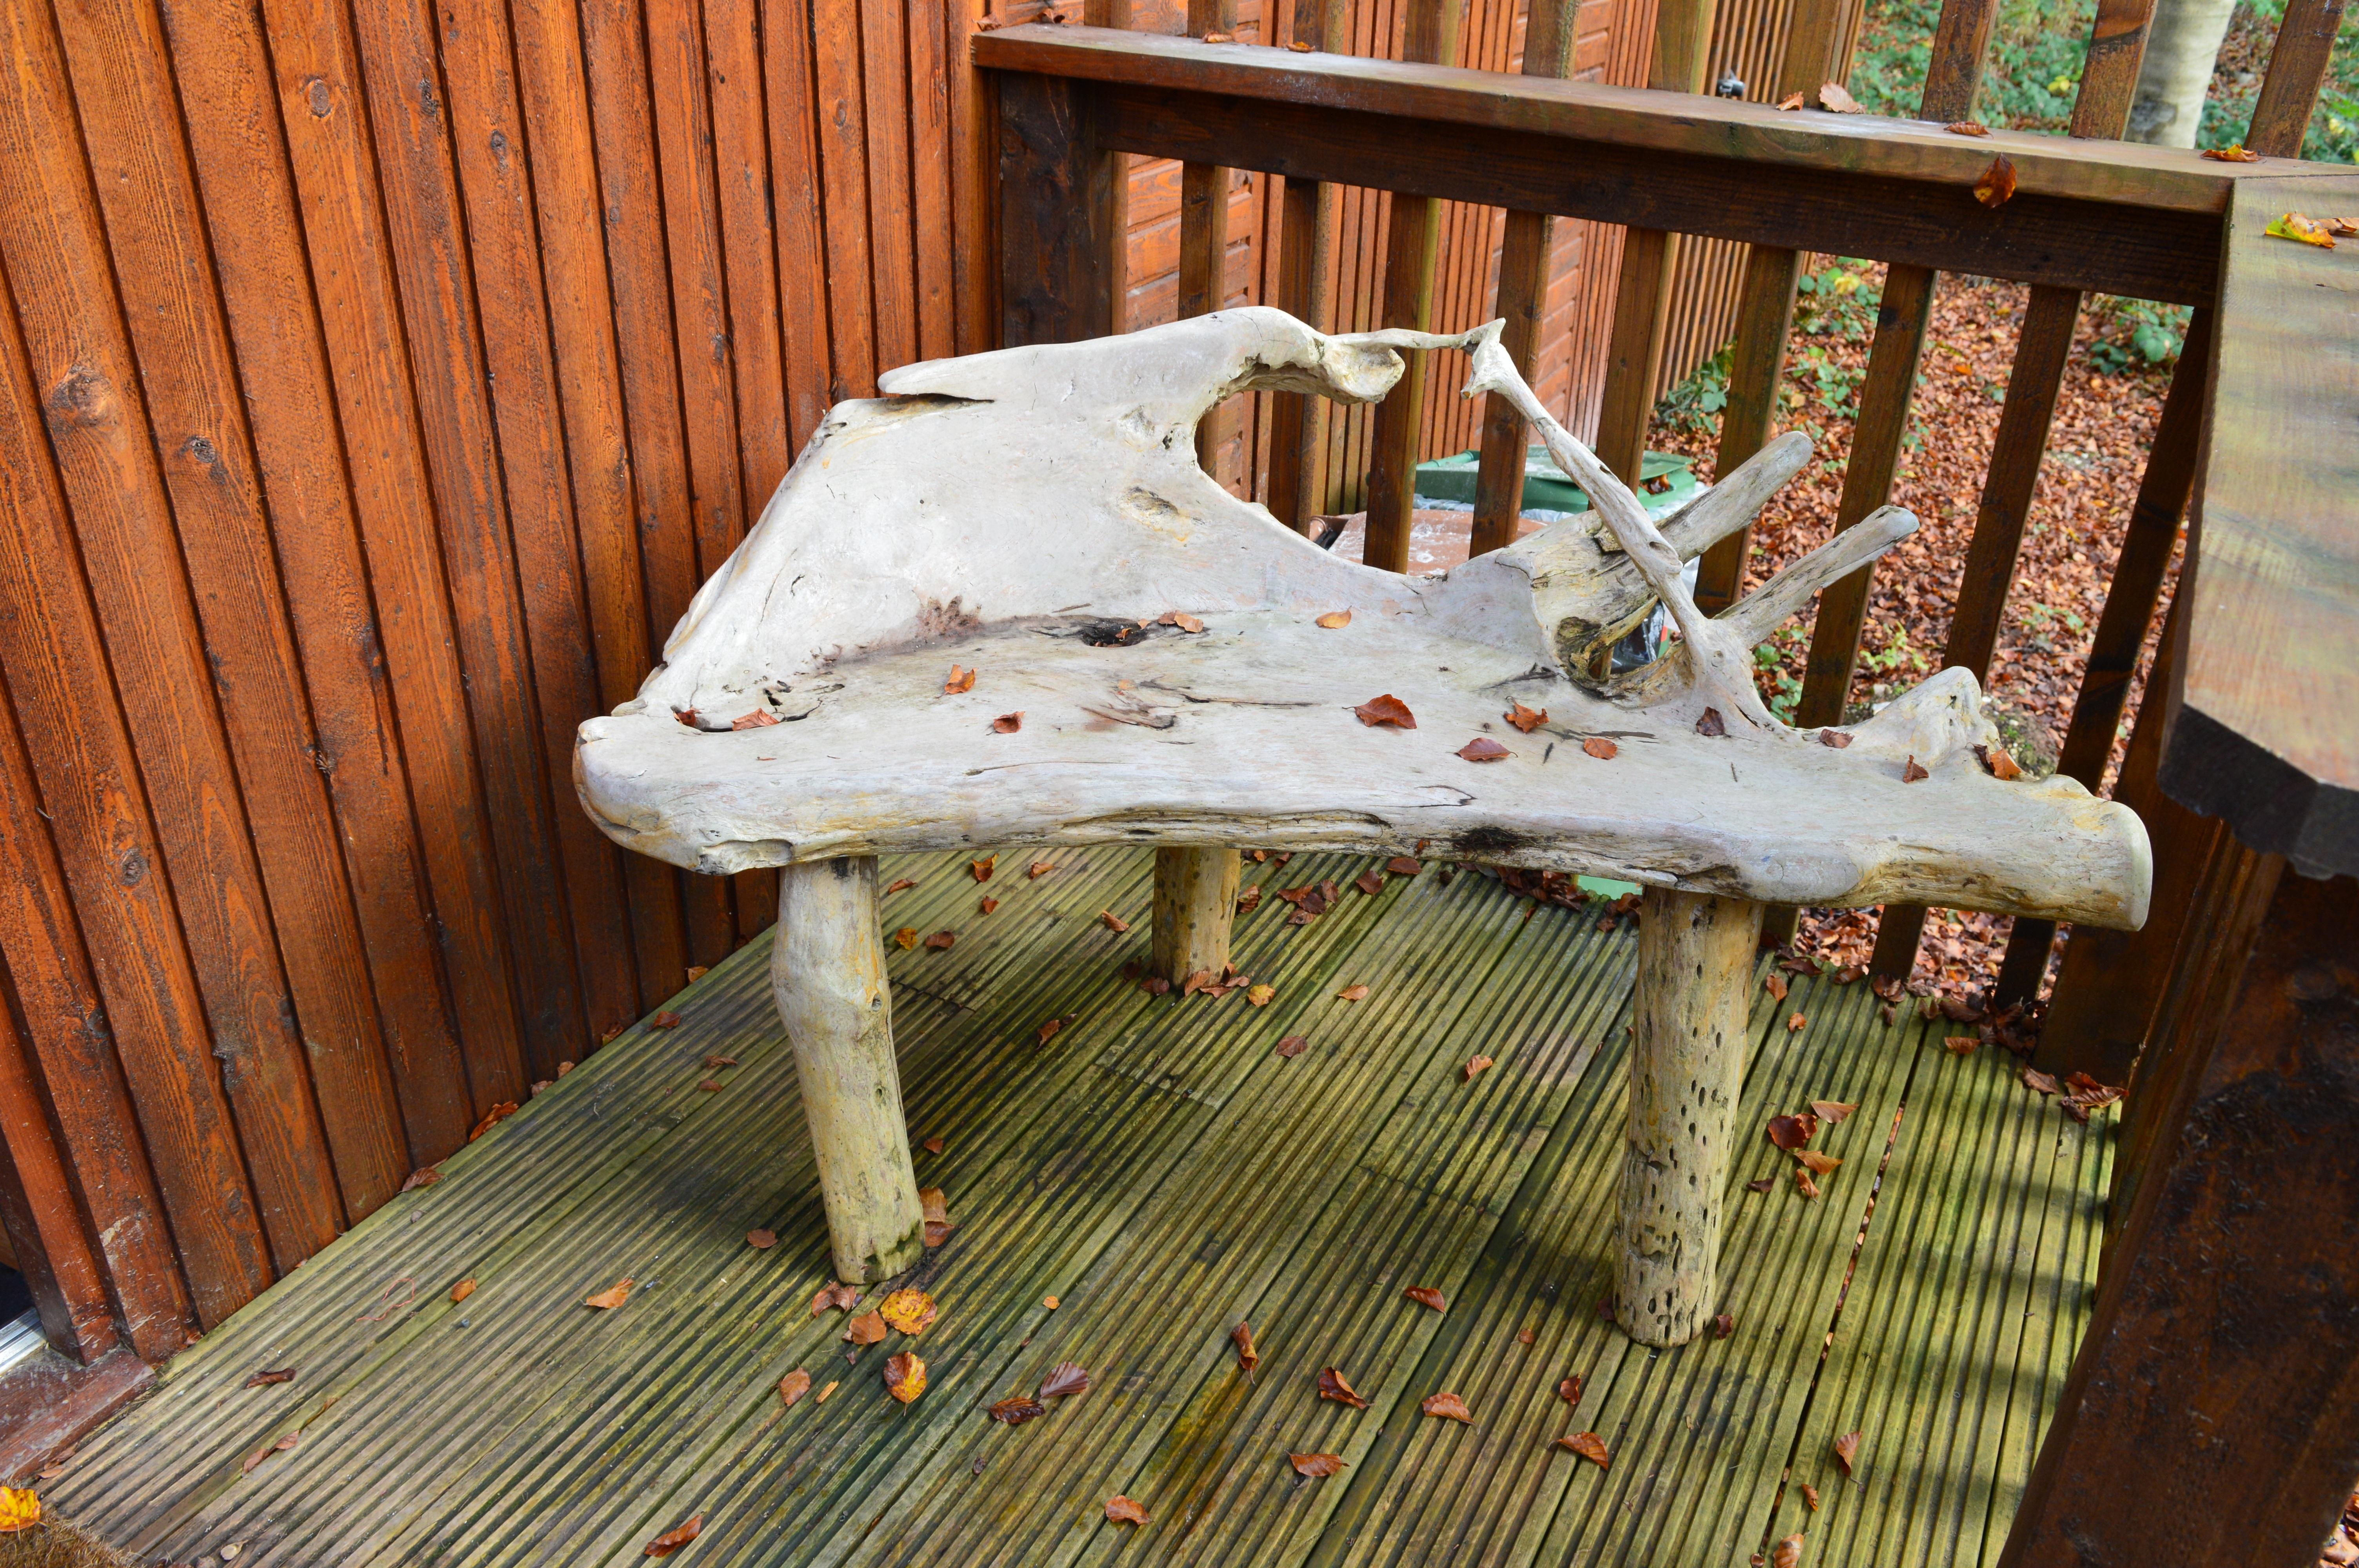 Fotos gratis : mesa, madera, banco, silla, asiento, rústico, mueble ...